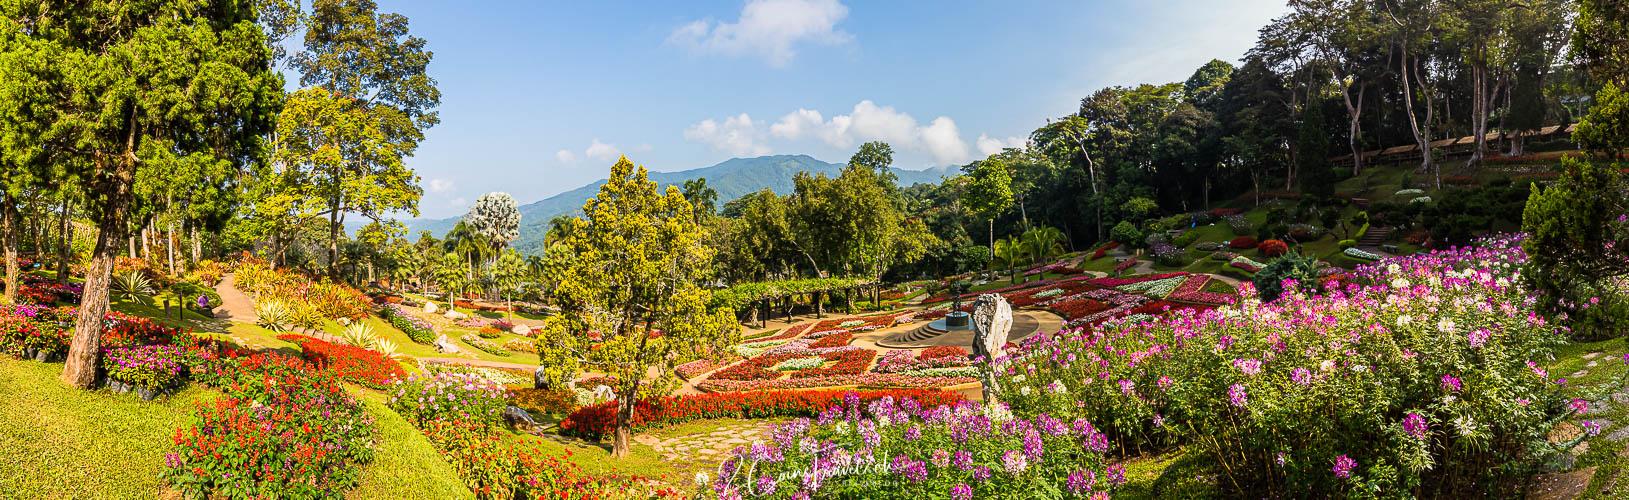 Doi Tung Garden Chiang Rai Panorama